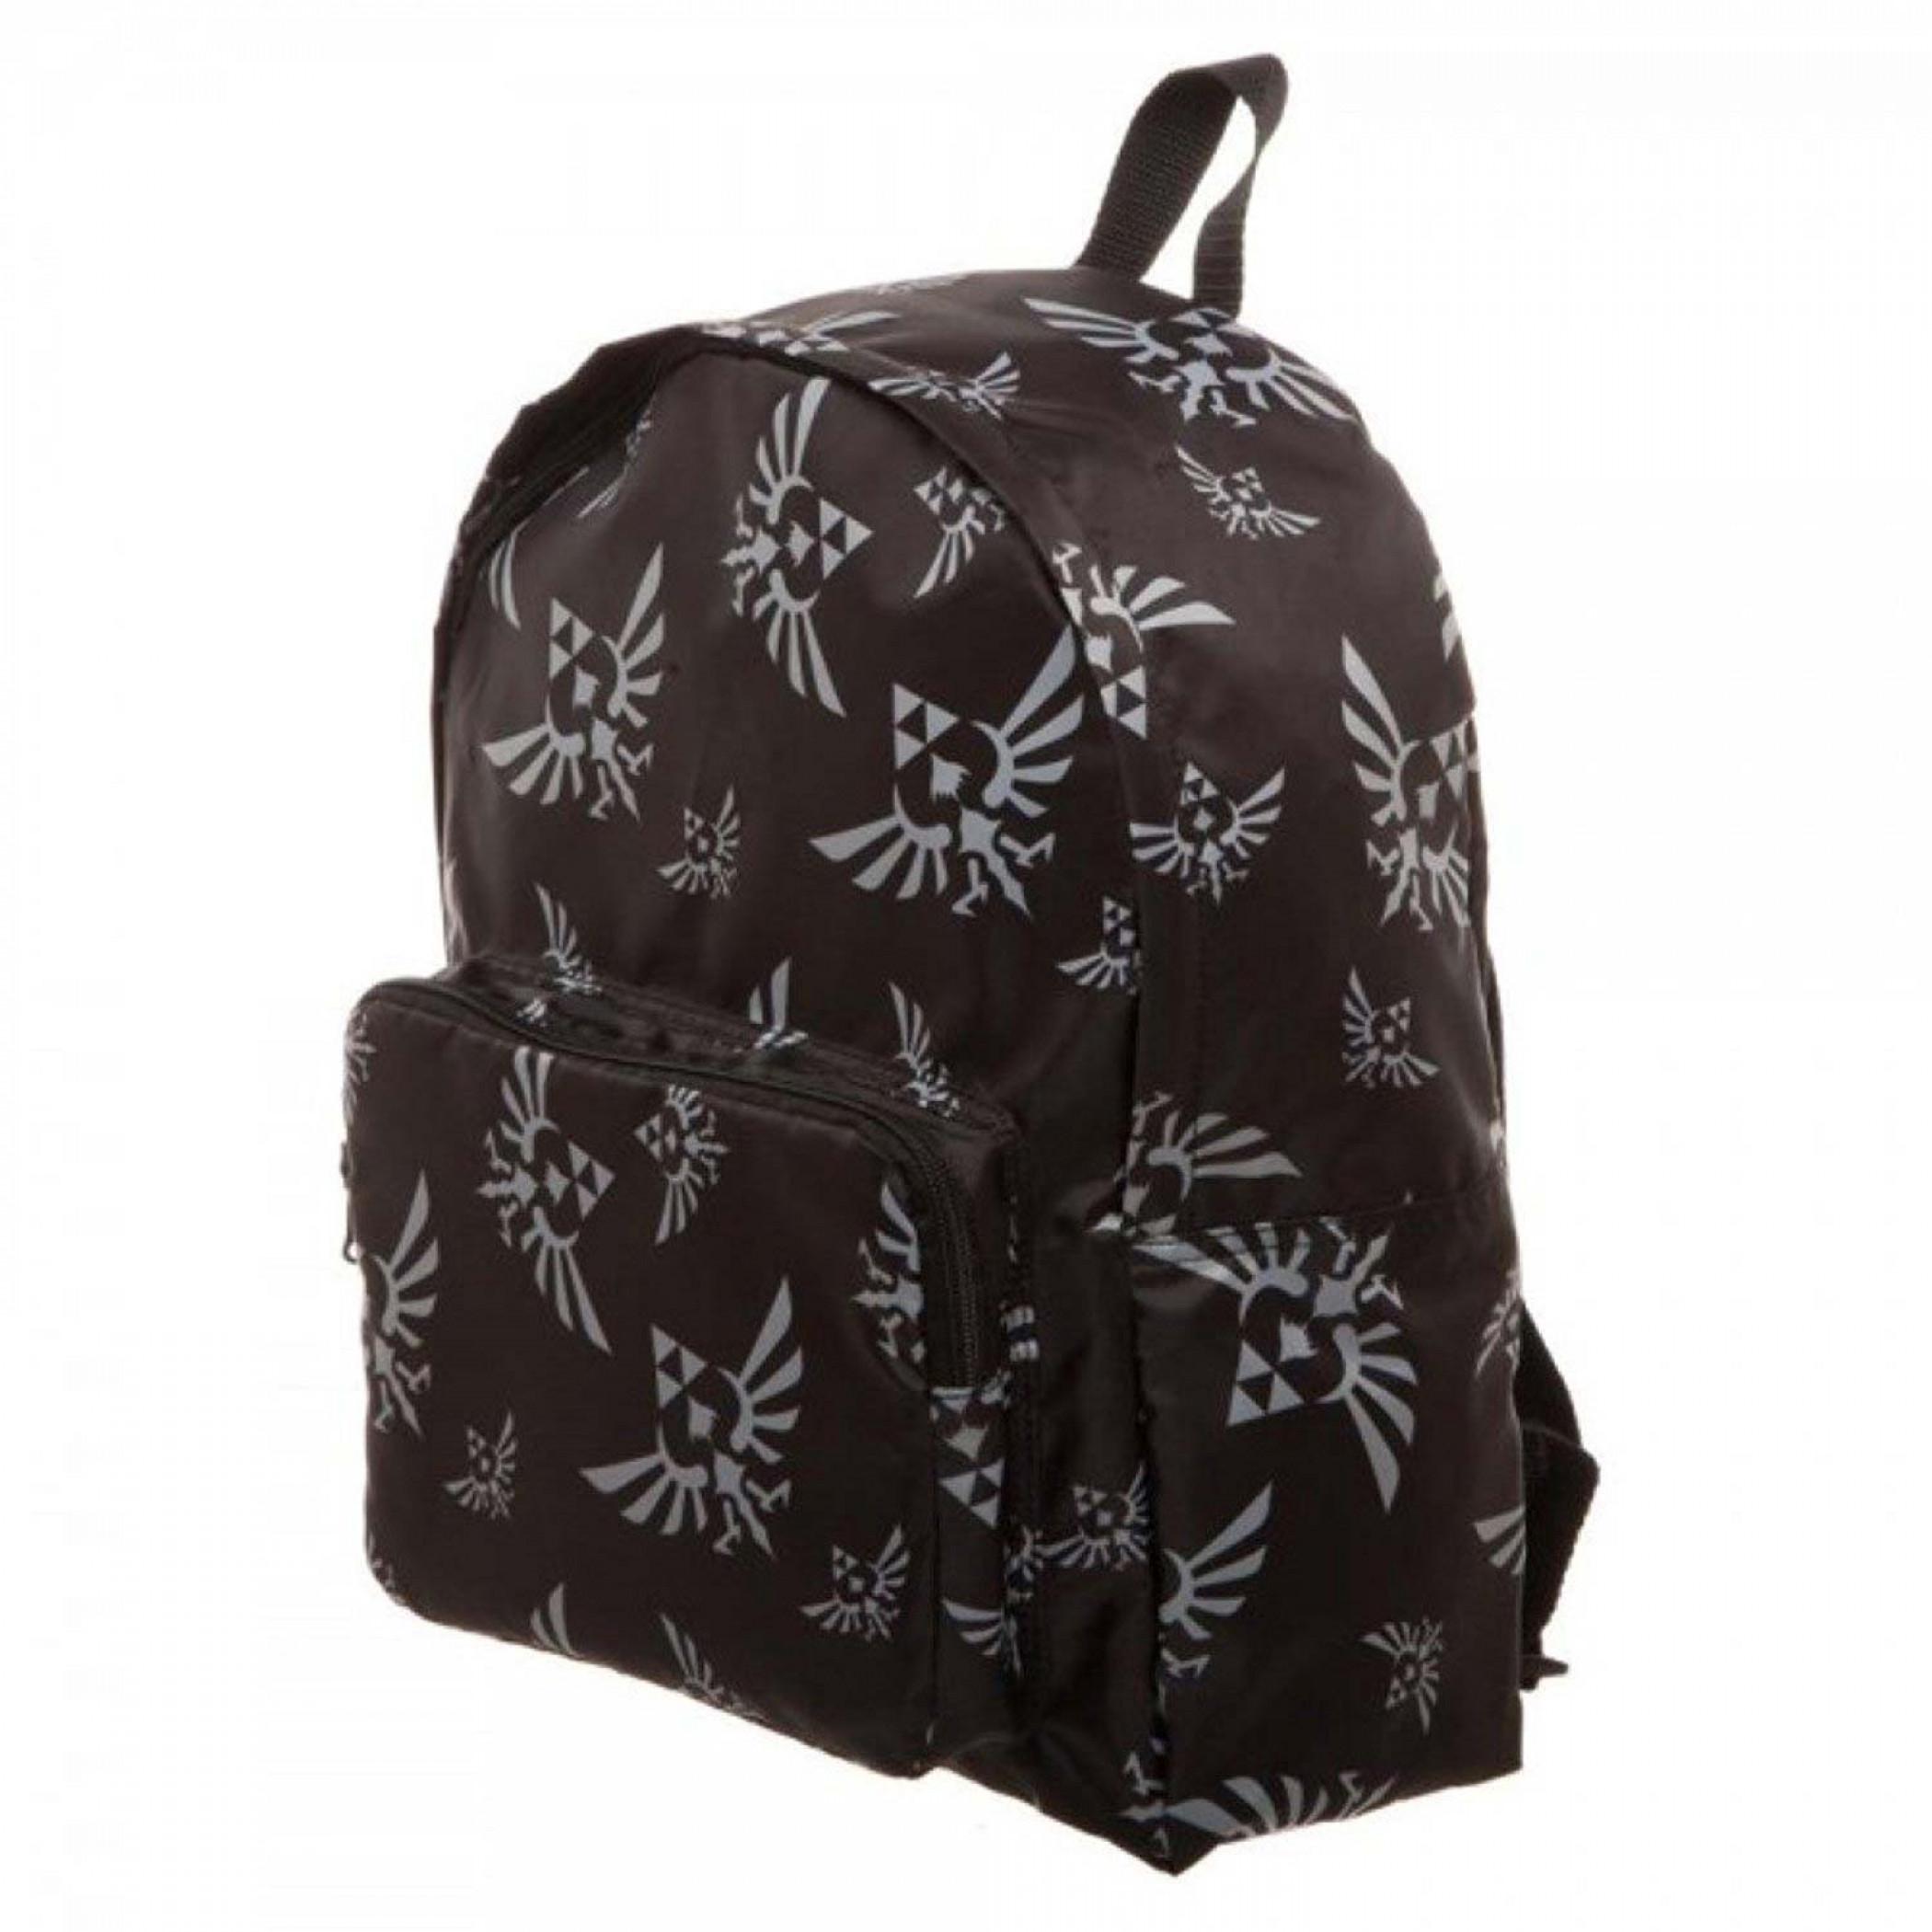 The Legend Of Zelda Black Packable Backpack